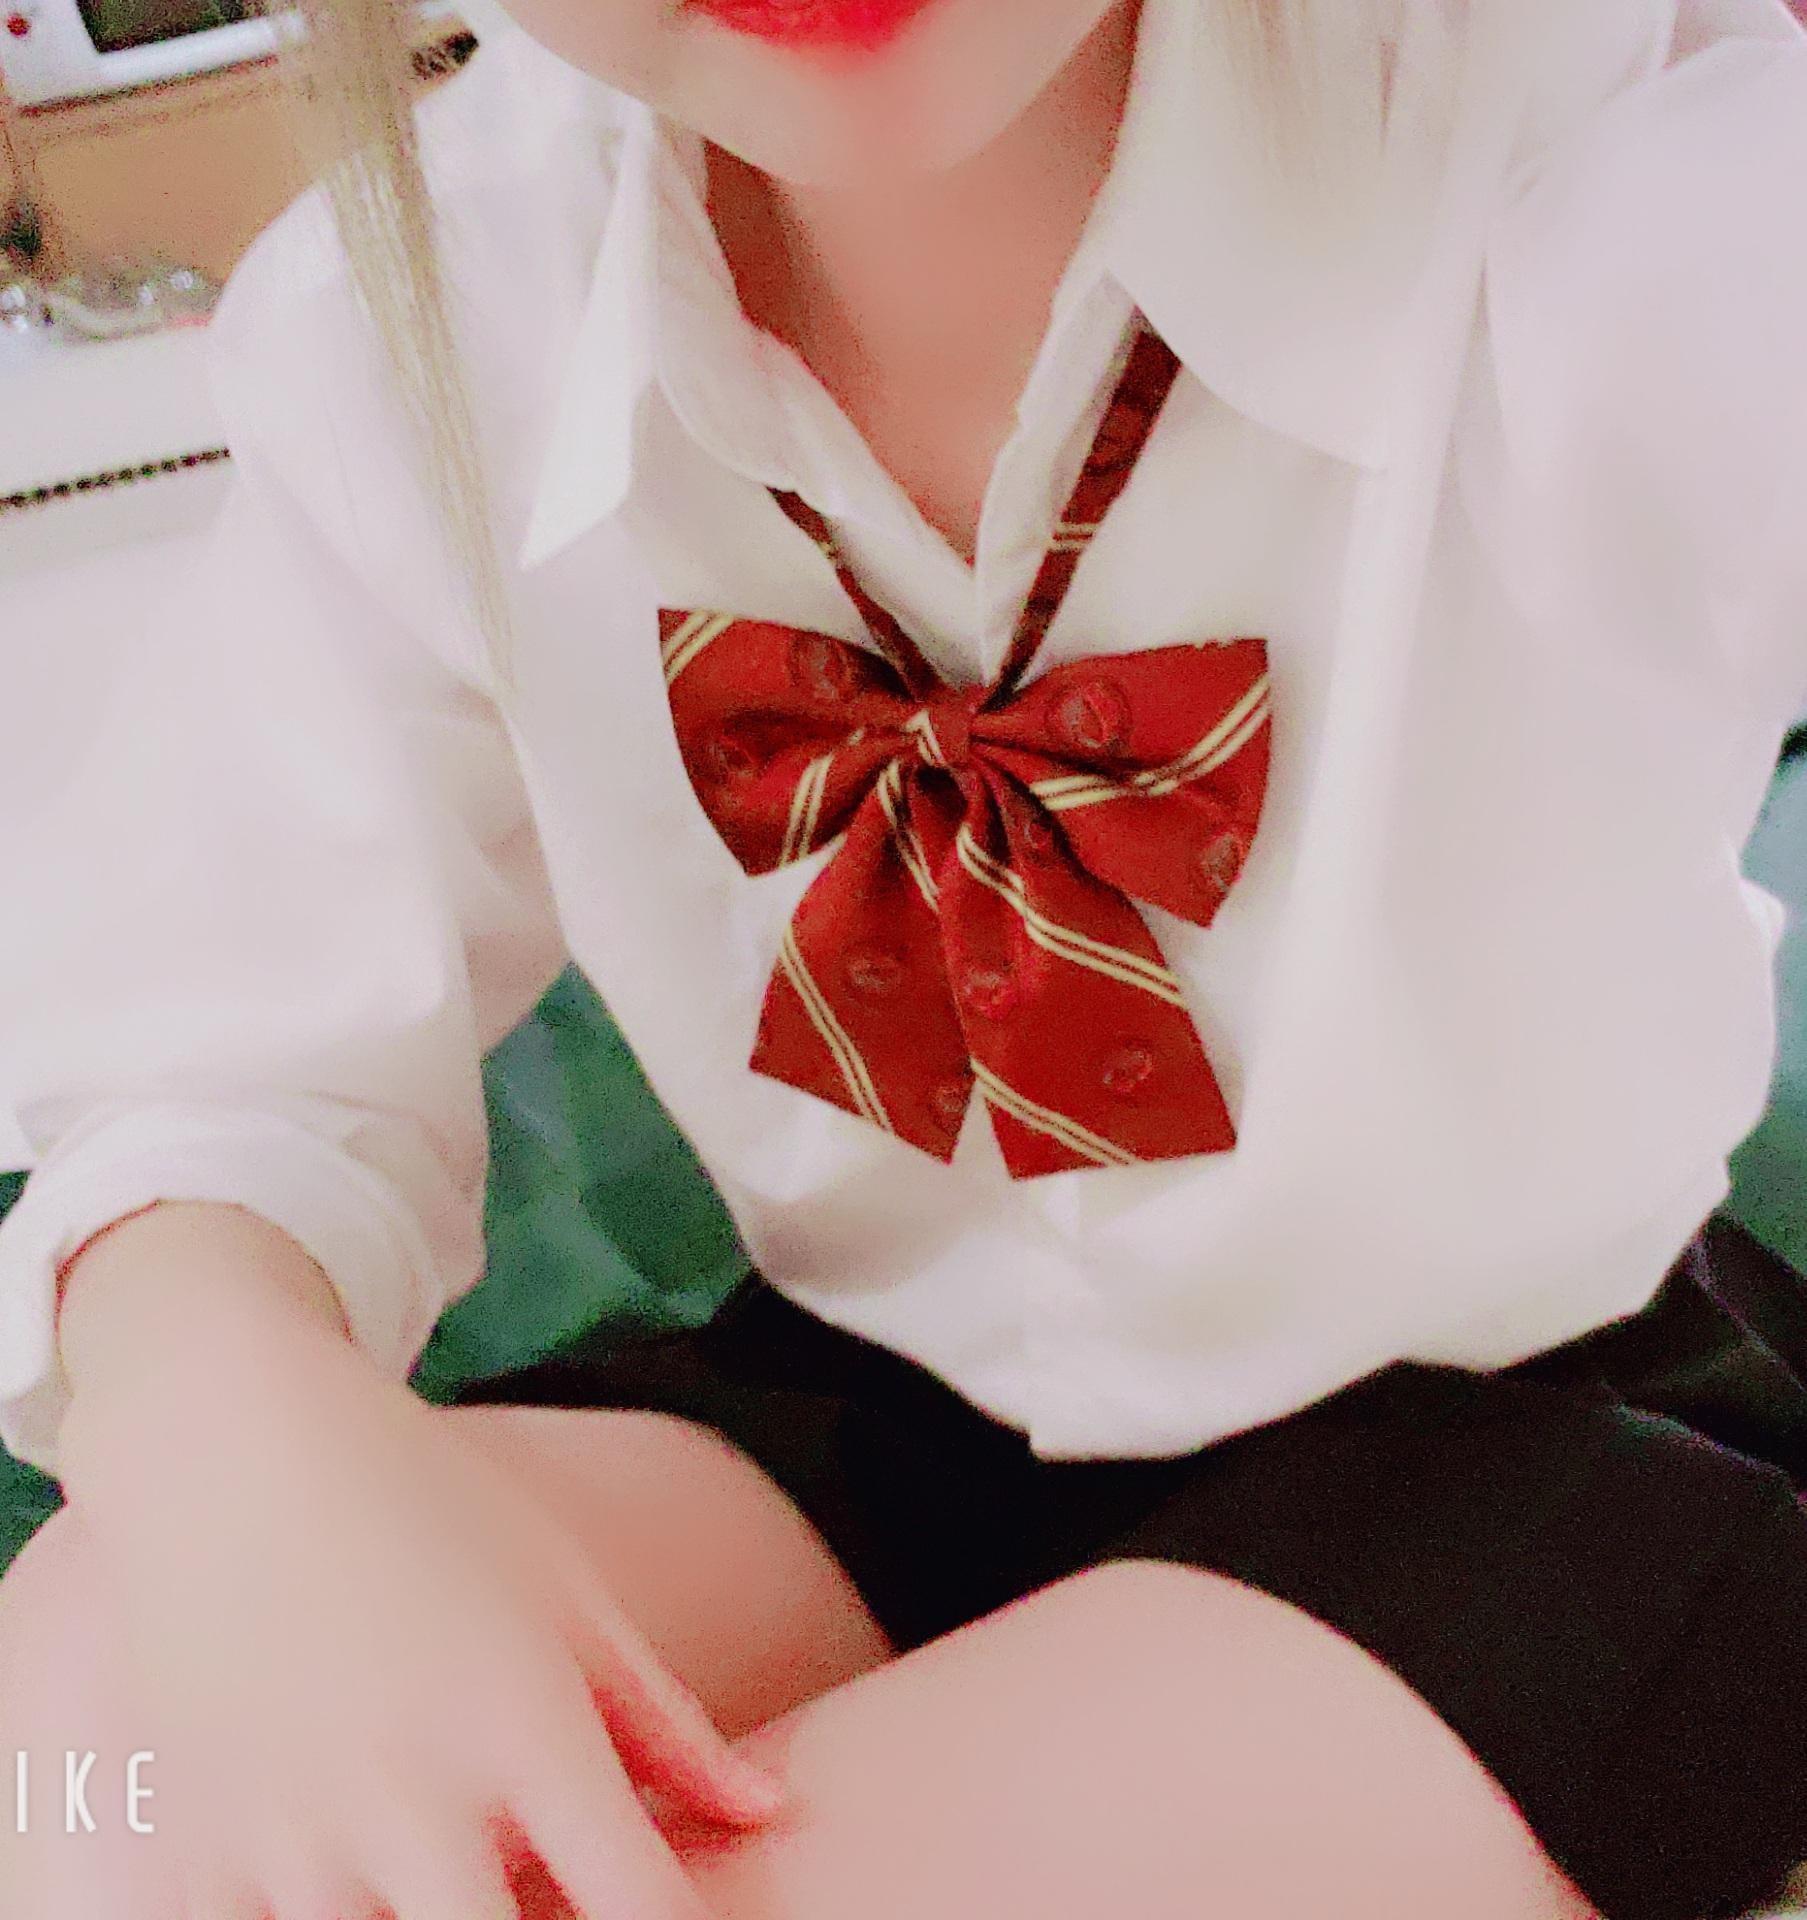 「*お礼です*」08/13(木) 01:35 | 並木れいらの写メ・風俗動画